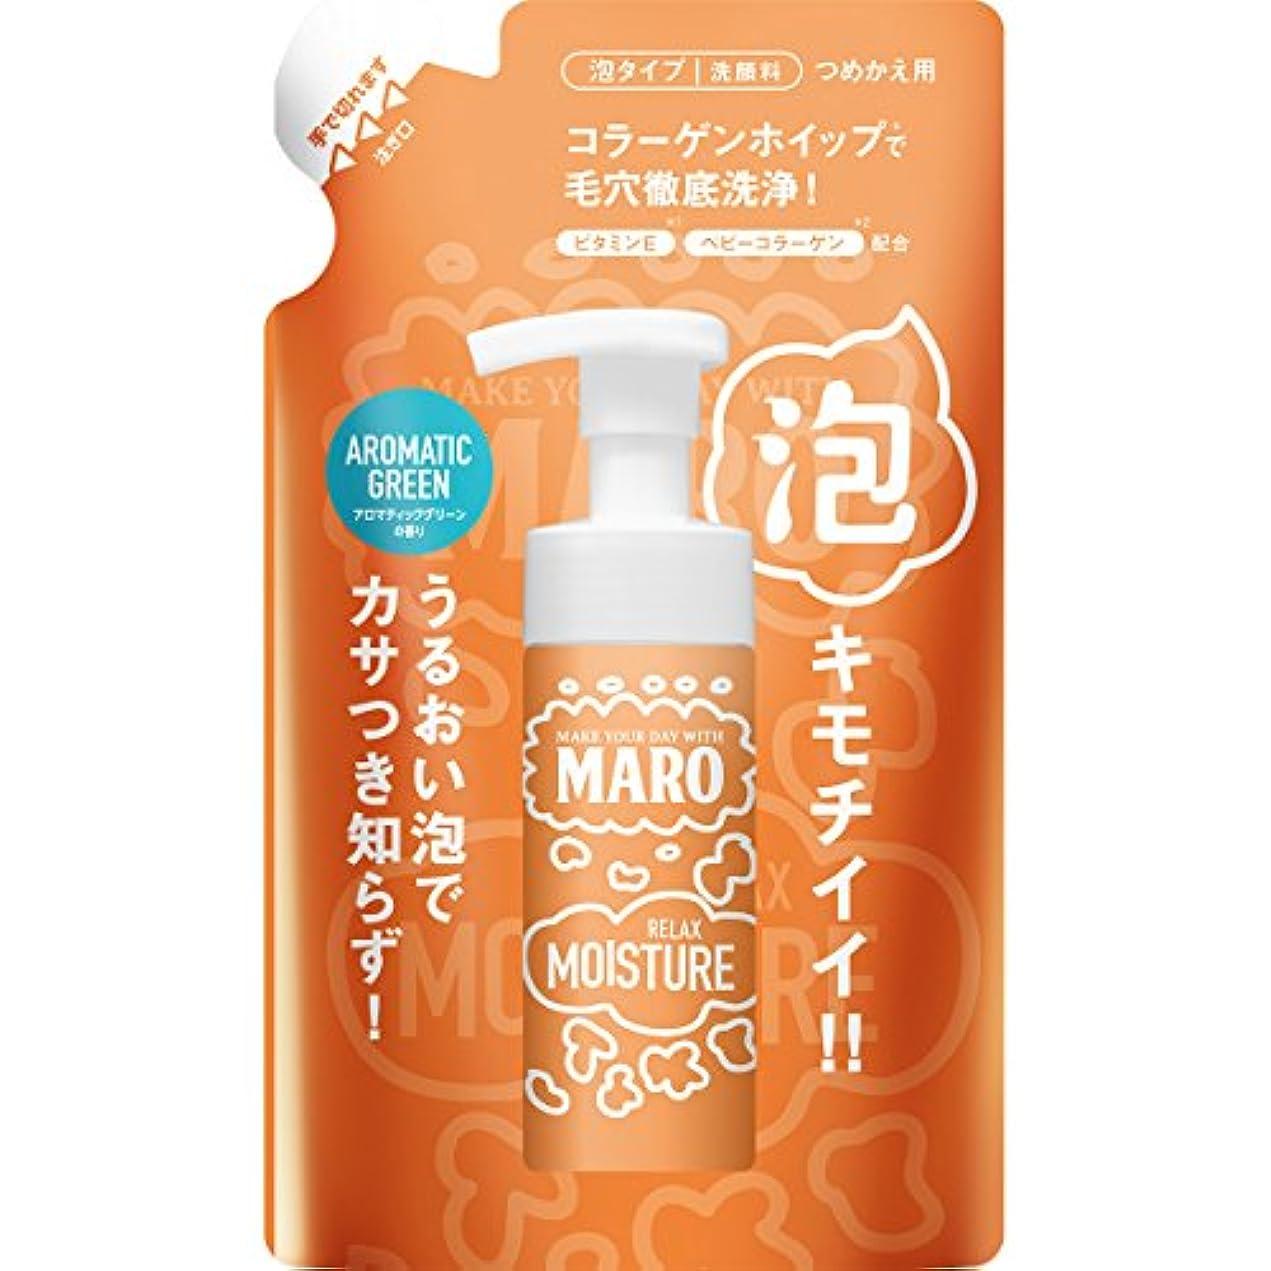 覚醒指標叙情的なMARO グルーヴィー 泡洗顔 詰め替え リラックスモイスチャー 130ml